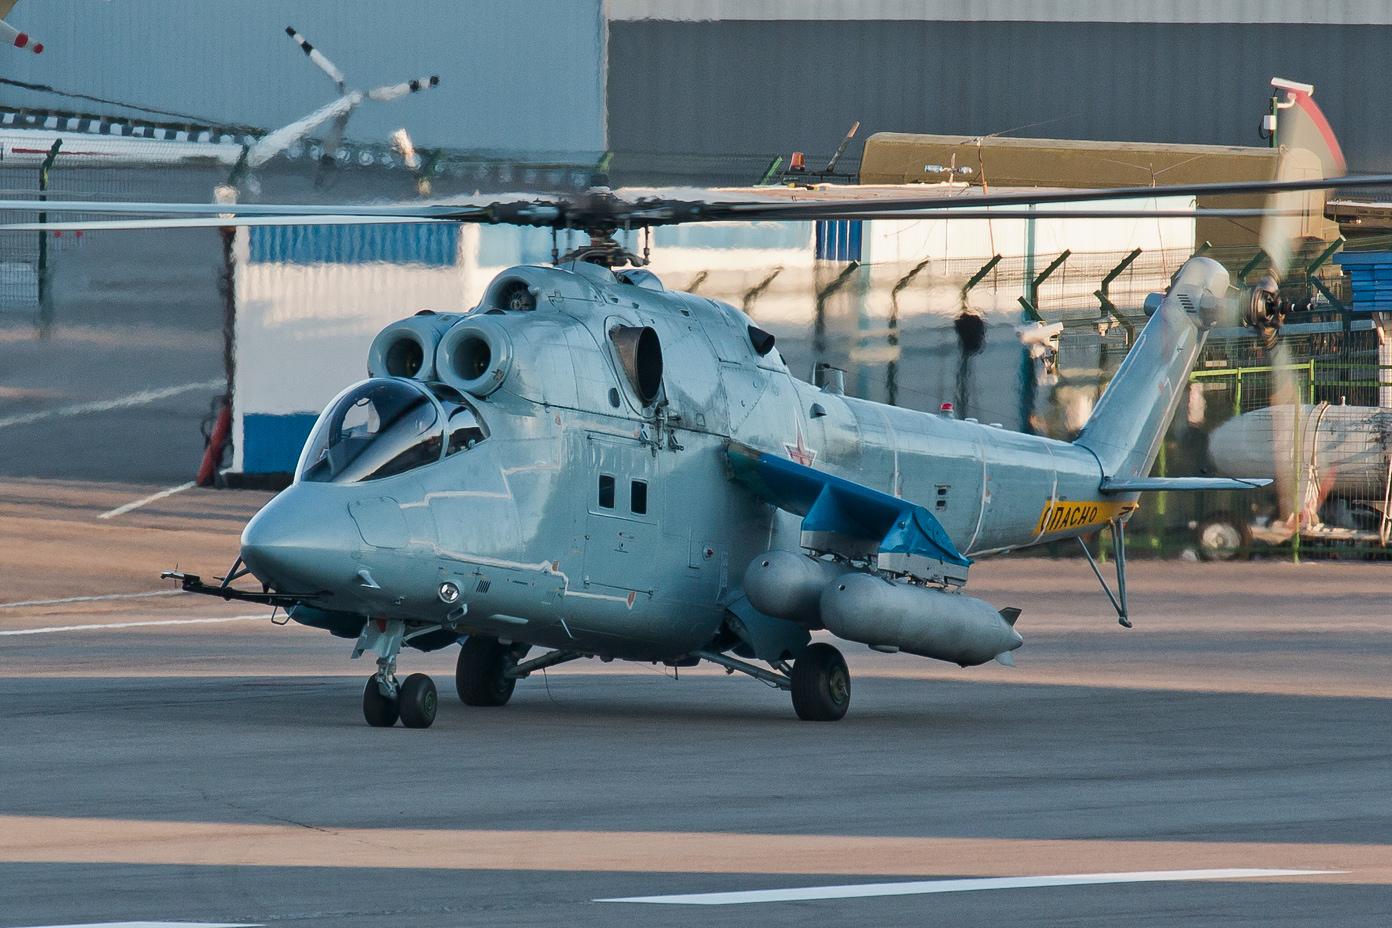 Helicóptero Mi-24 alcança velocidade de mais de 400 quilômetros por hora